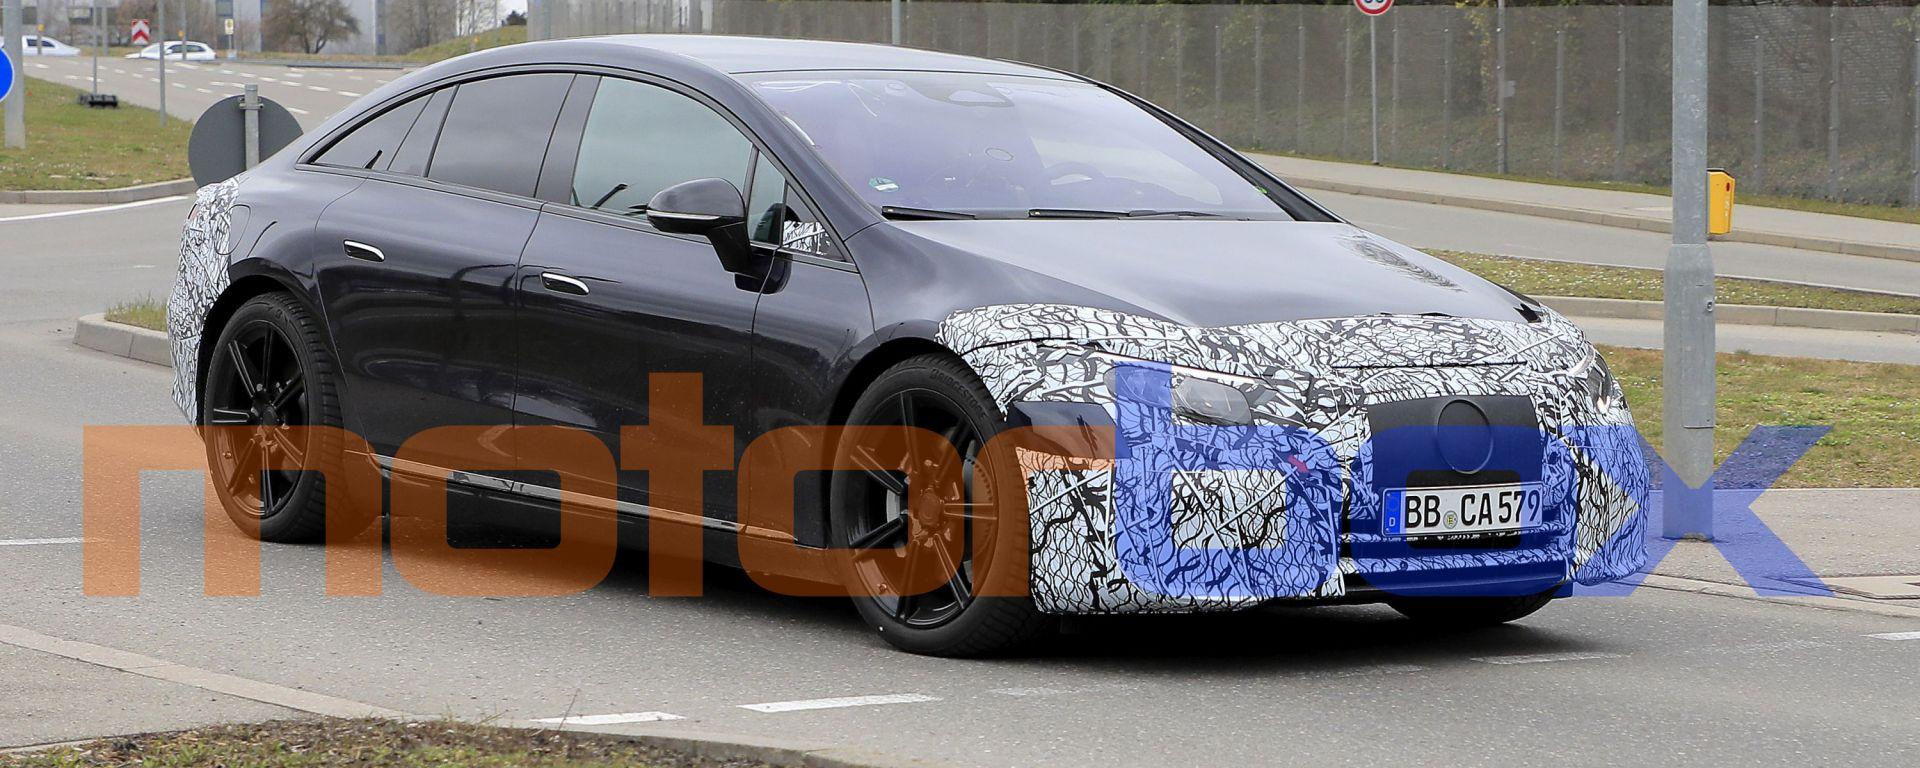 Foto spia di Mercedes EQS: visuale di 3/4 anteriore